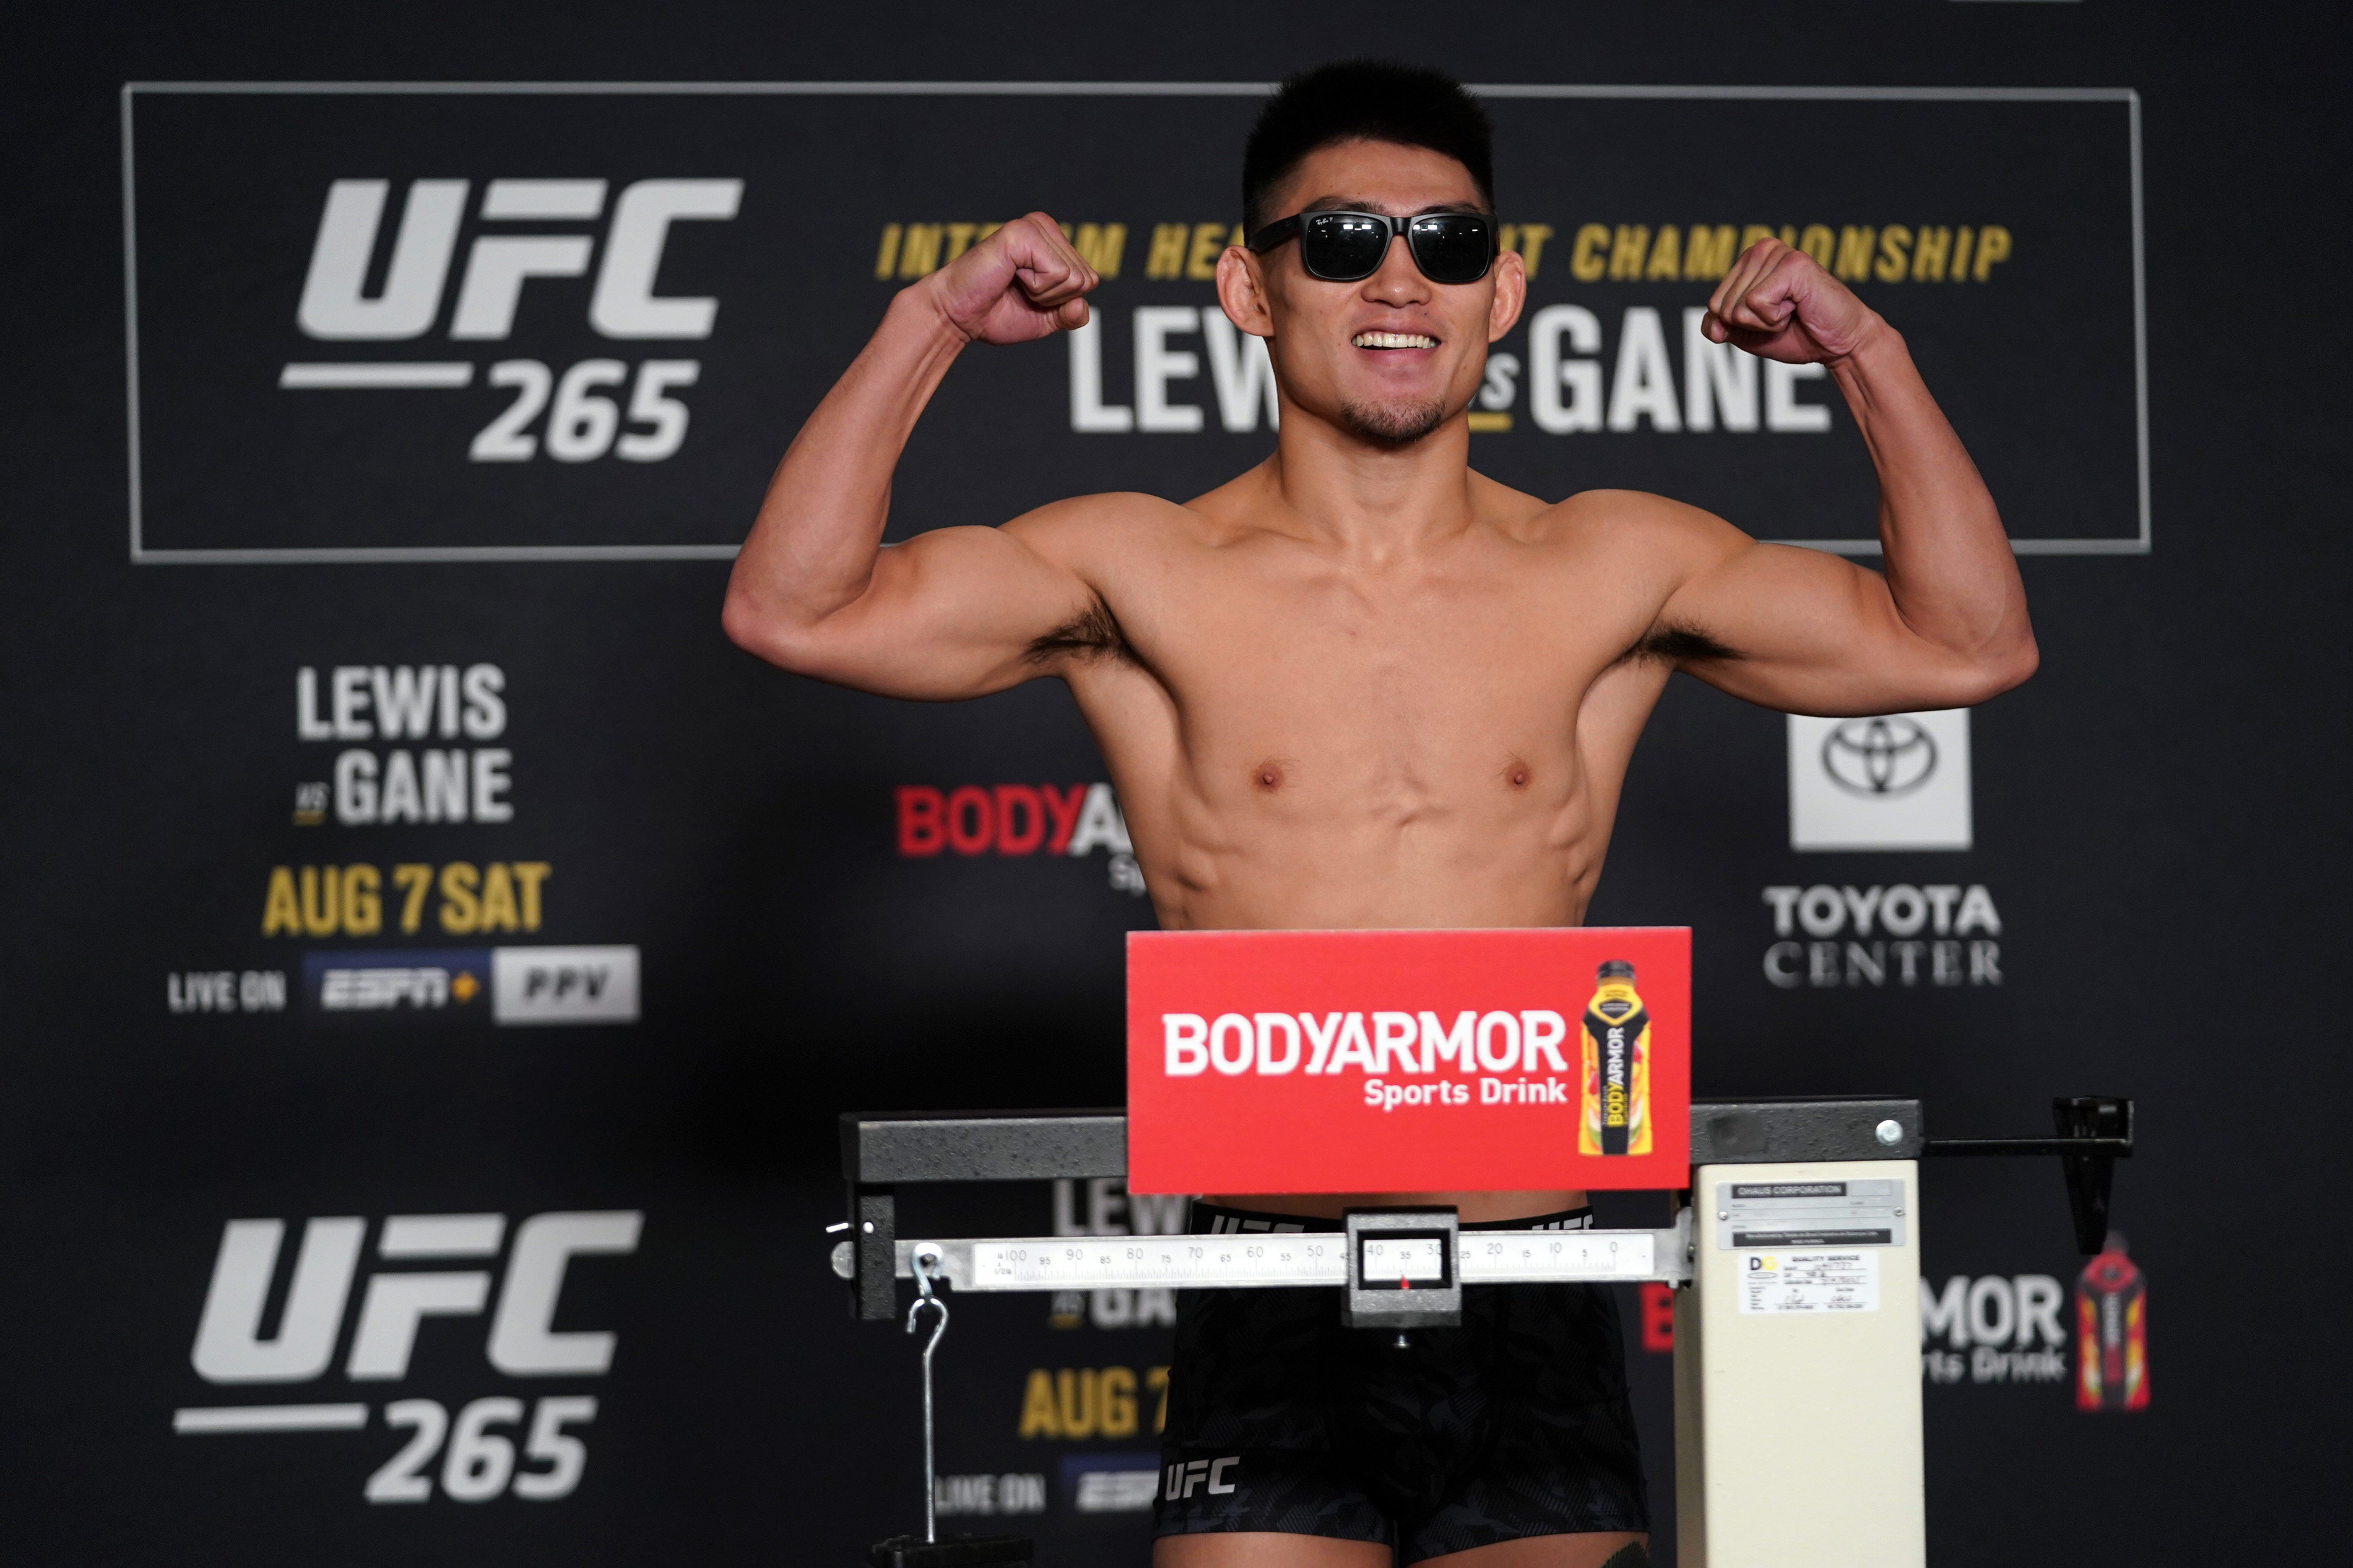 UFC 265 Weigh-in